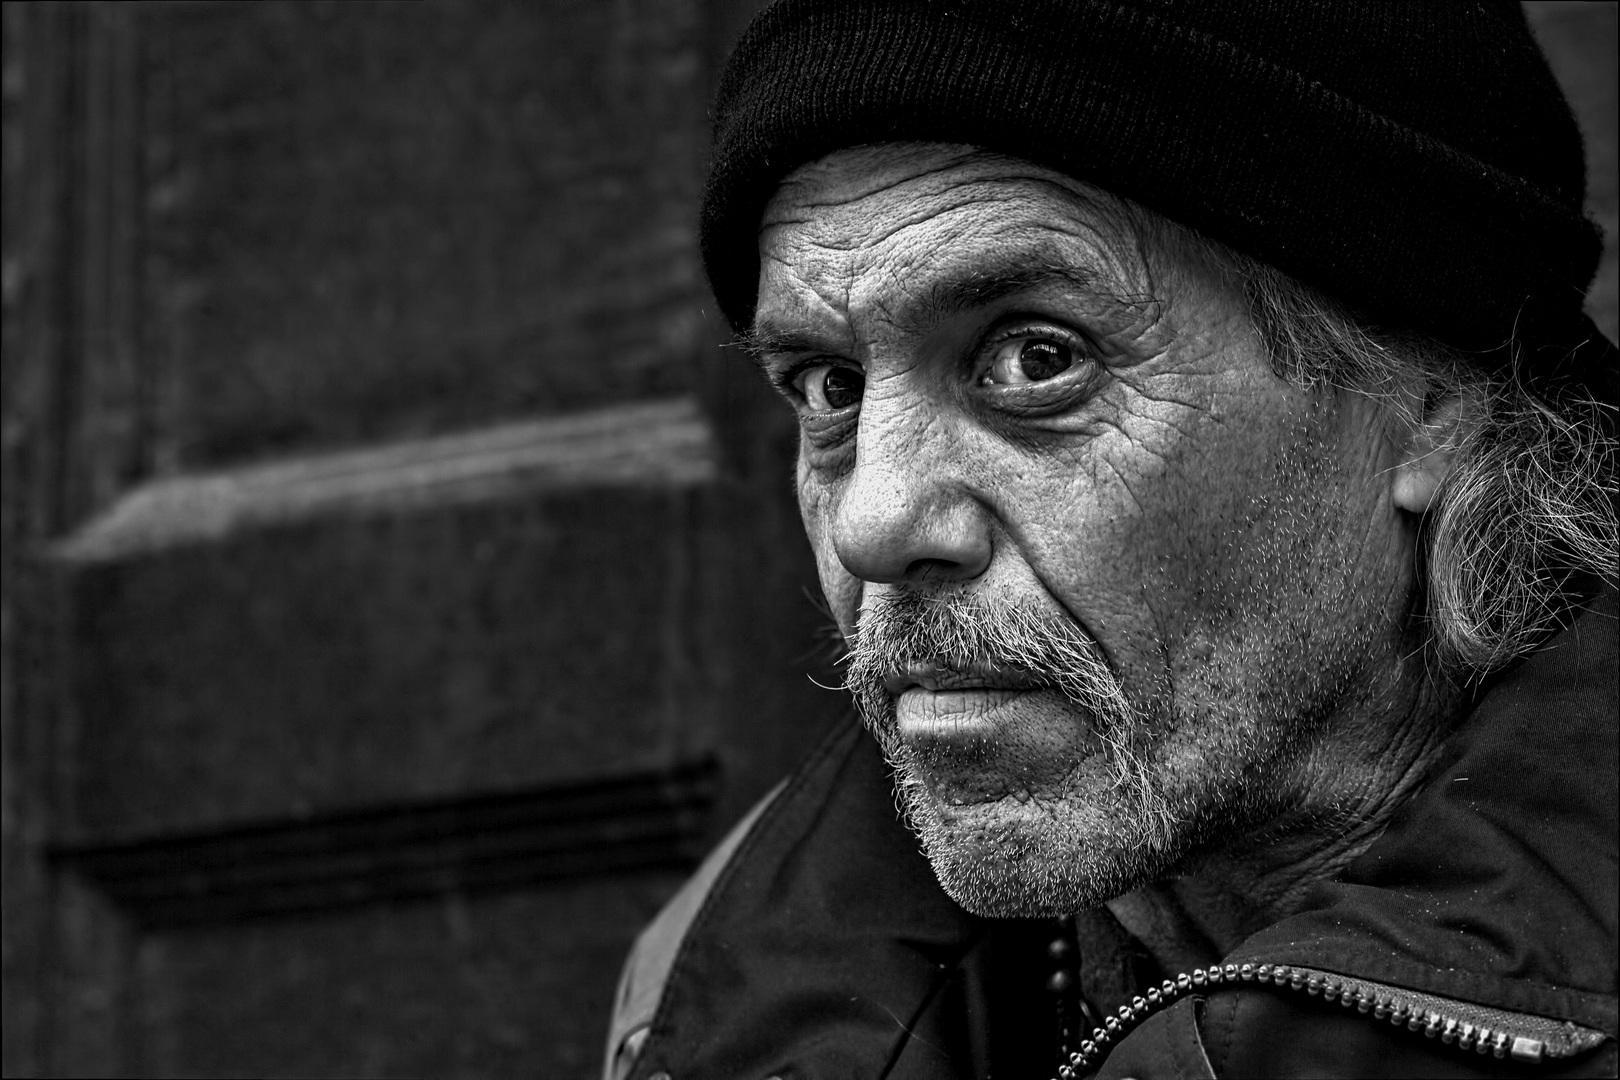 О христианском отношении к бездомным